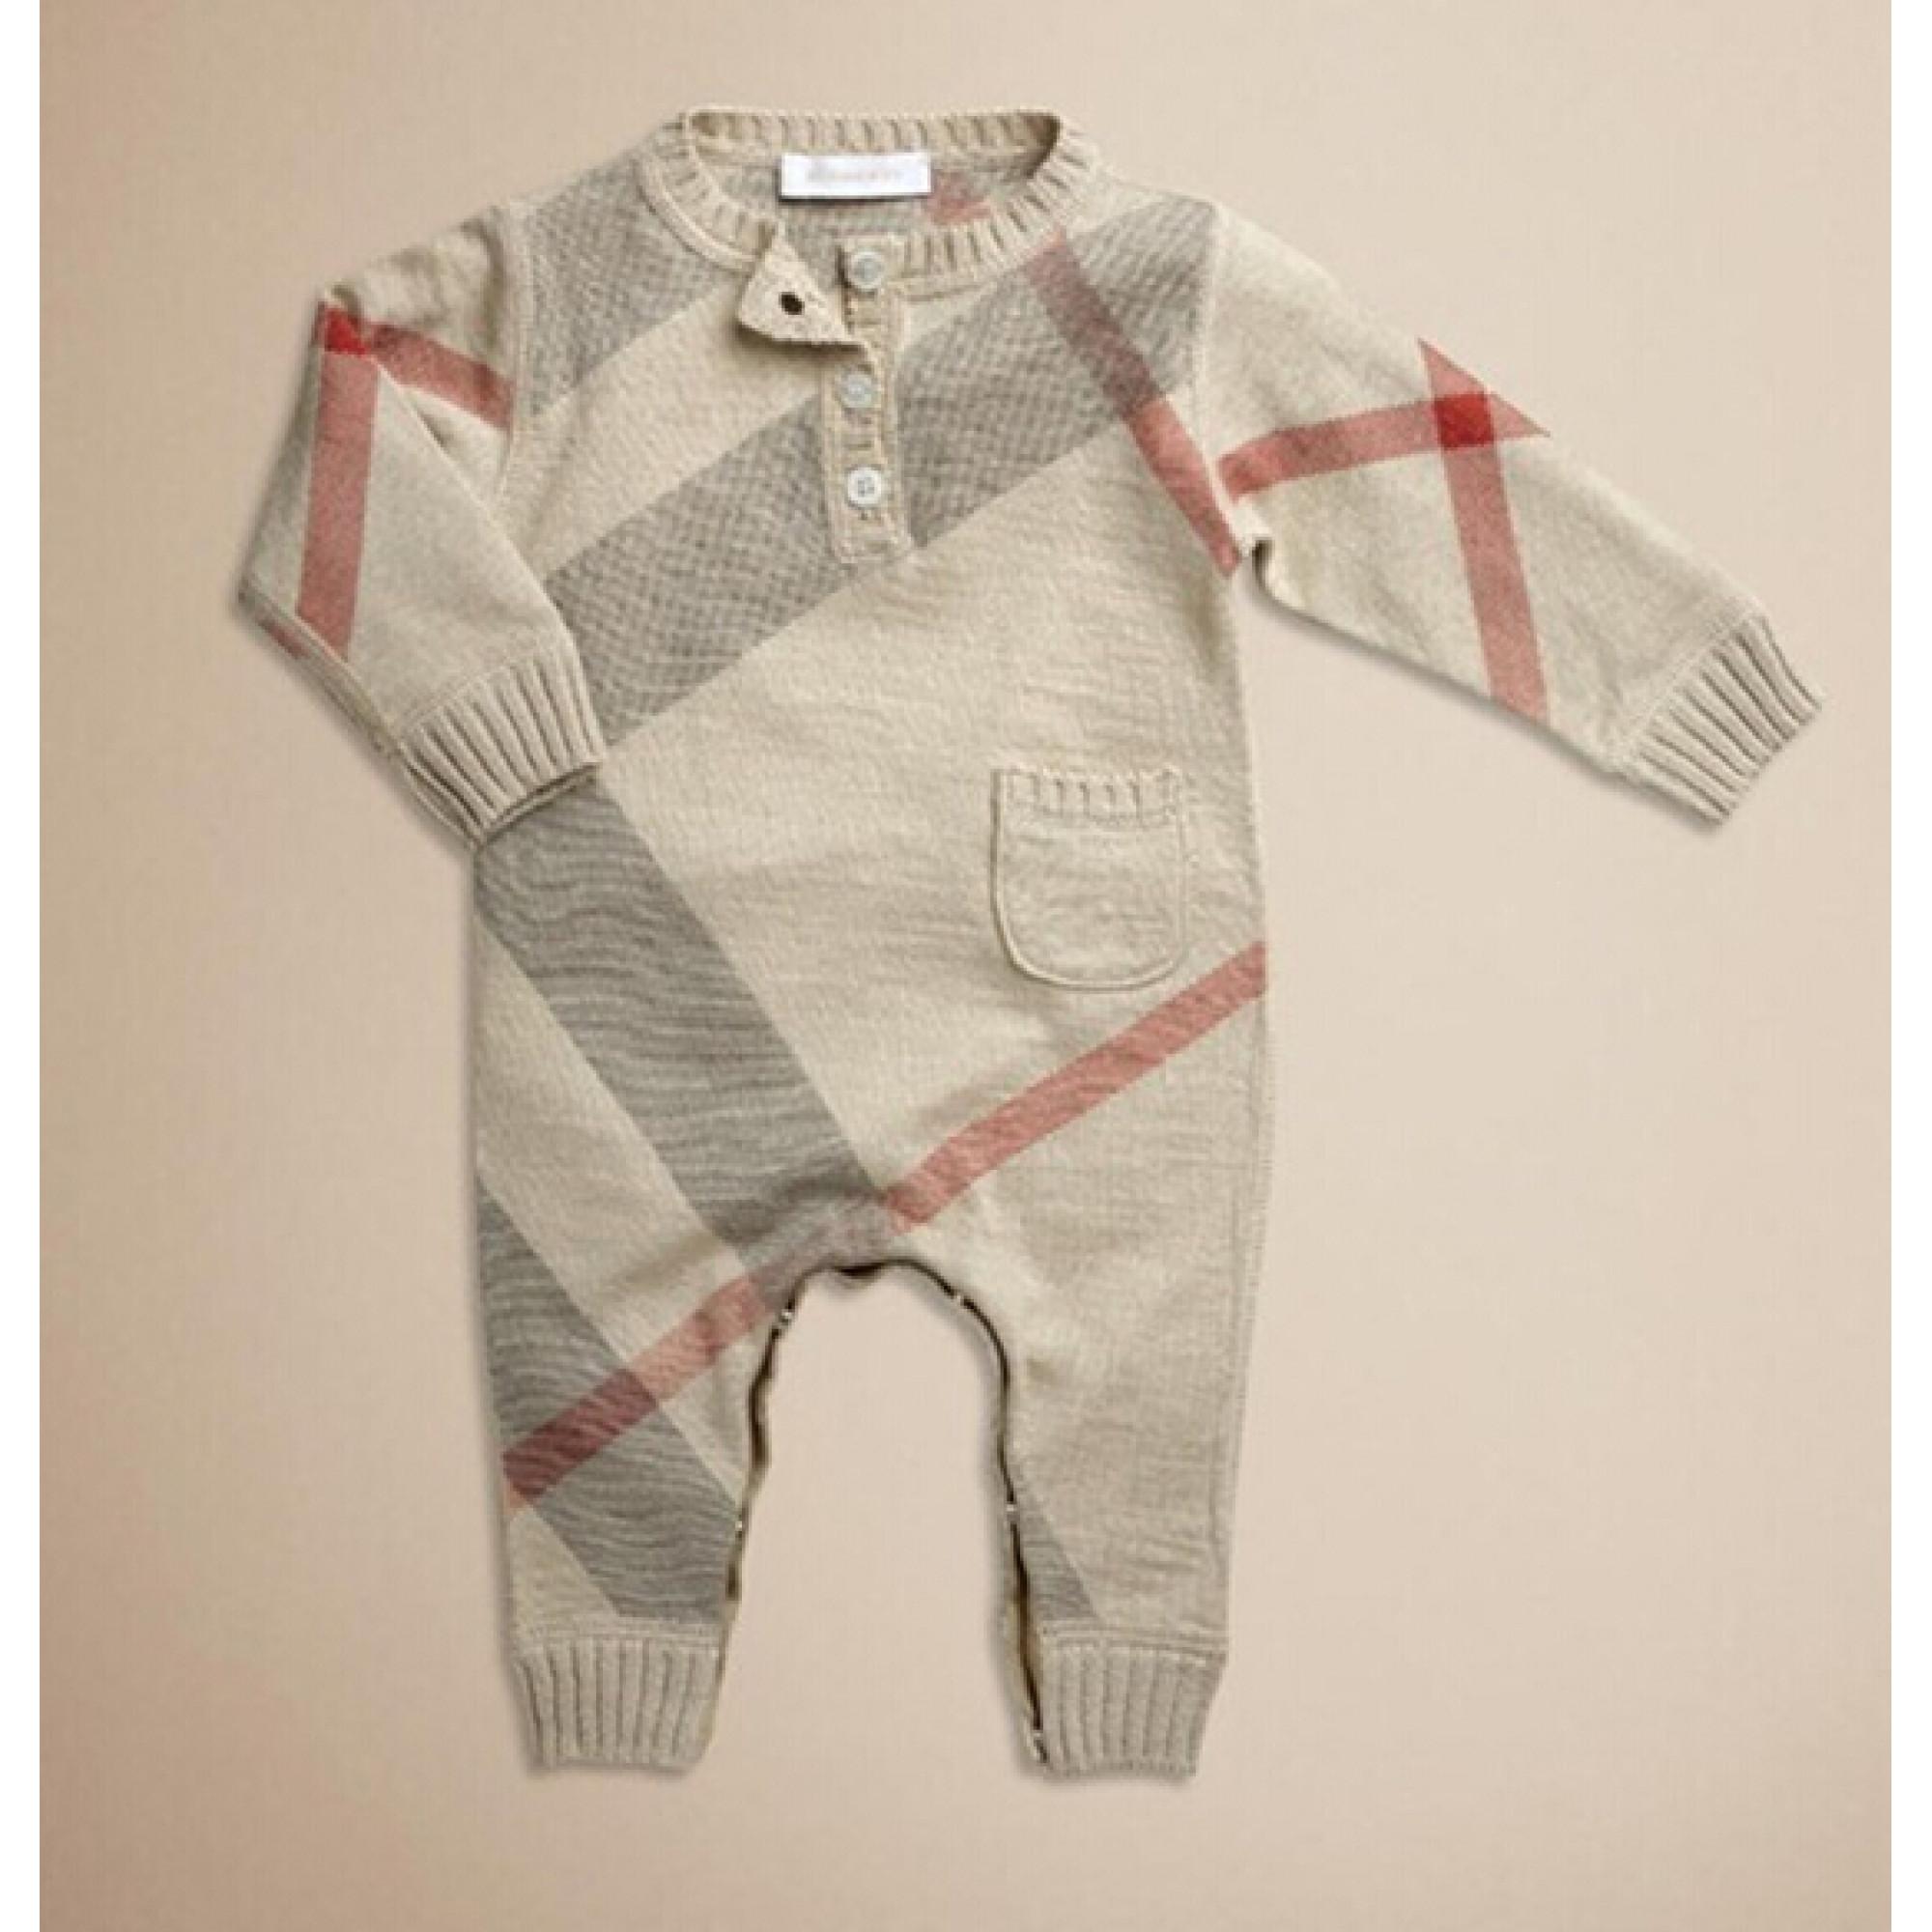 Купить детские товары для новорожденных в Киеве — цены и фото ... b79527b6279